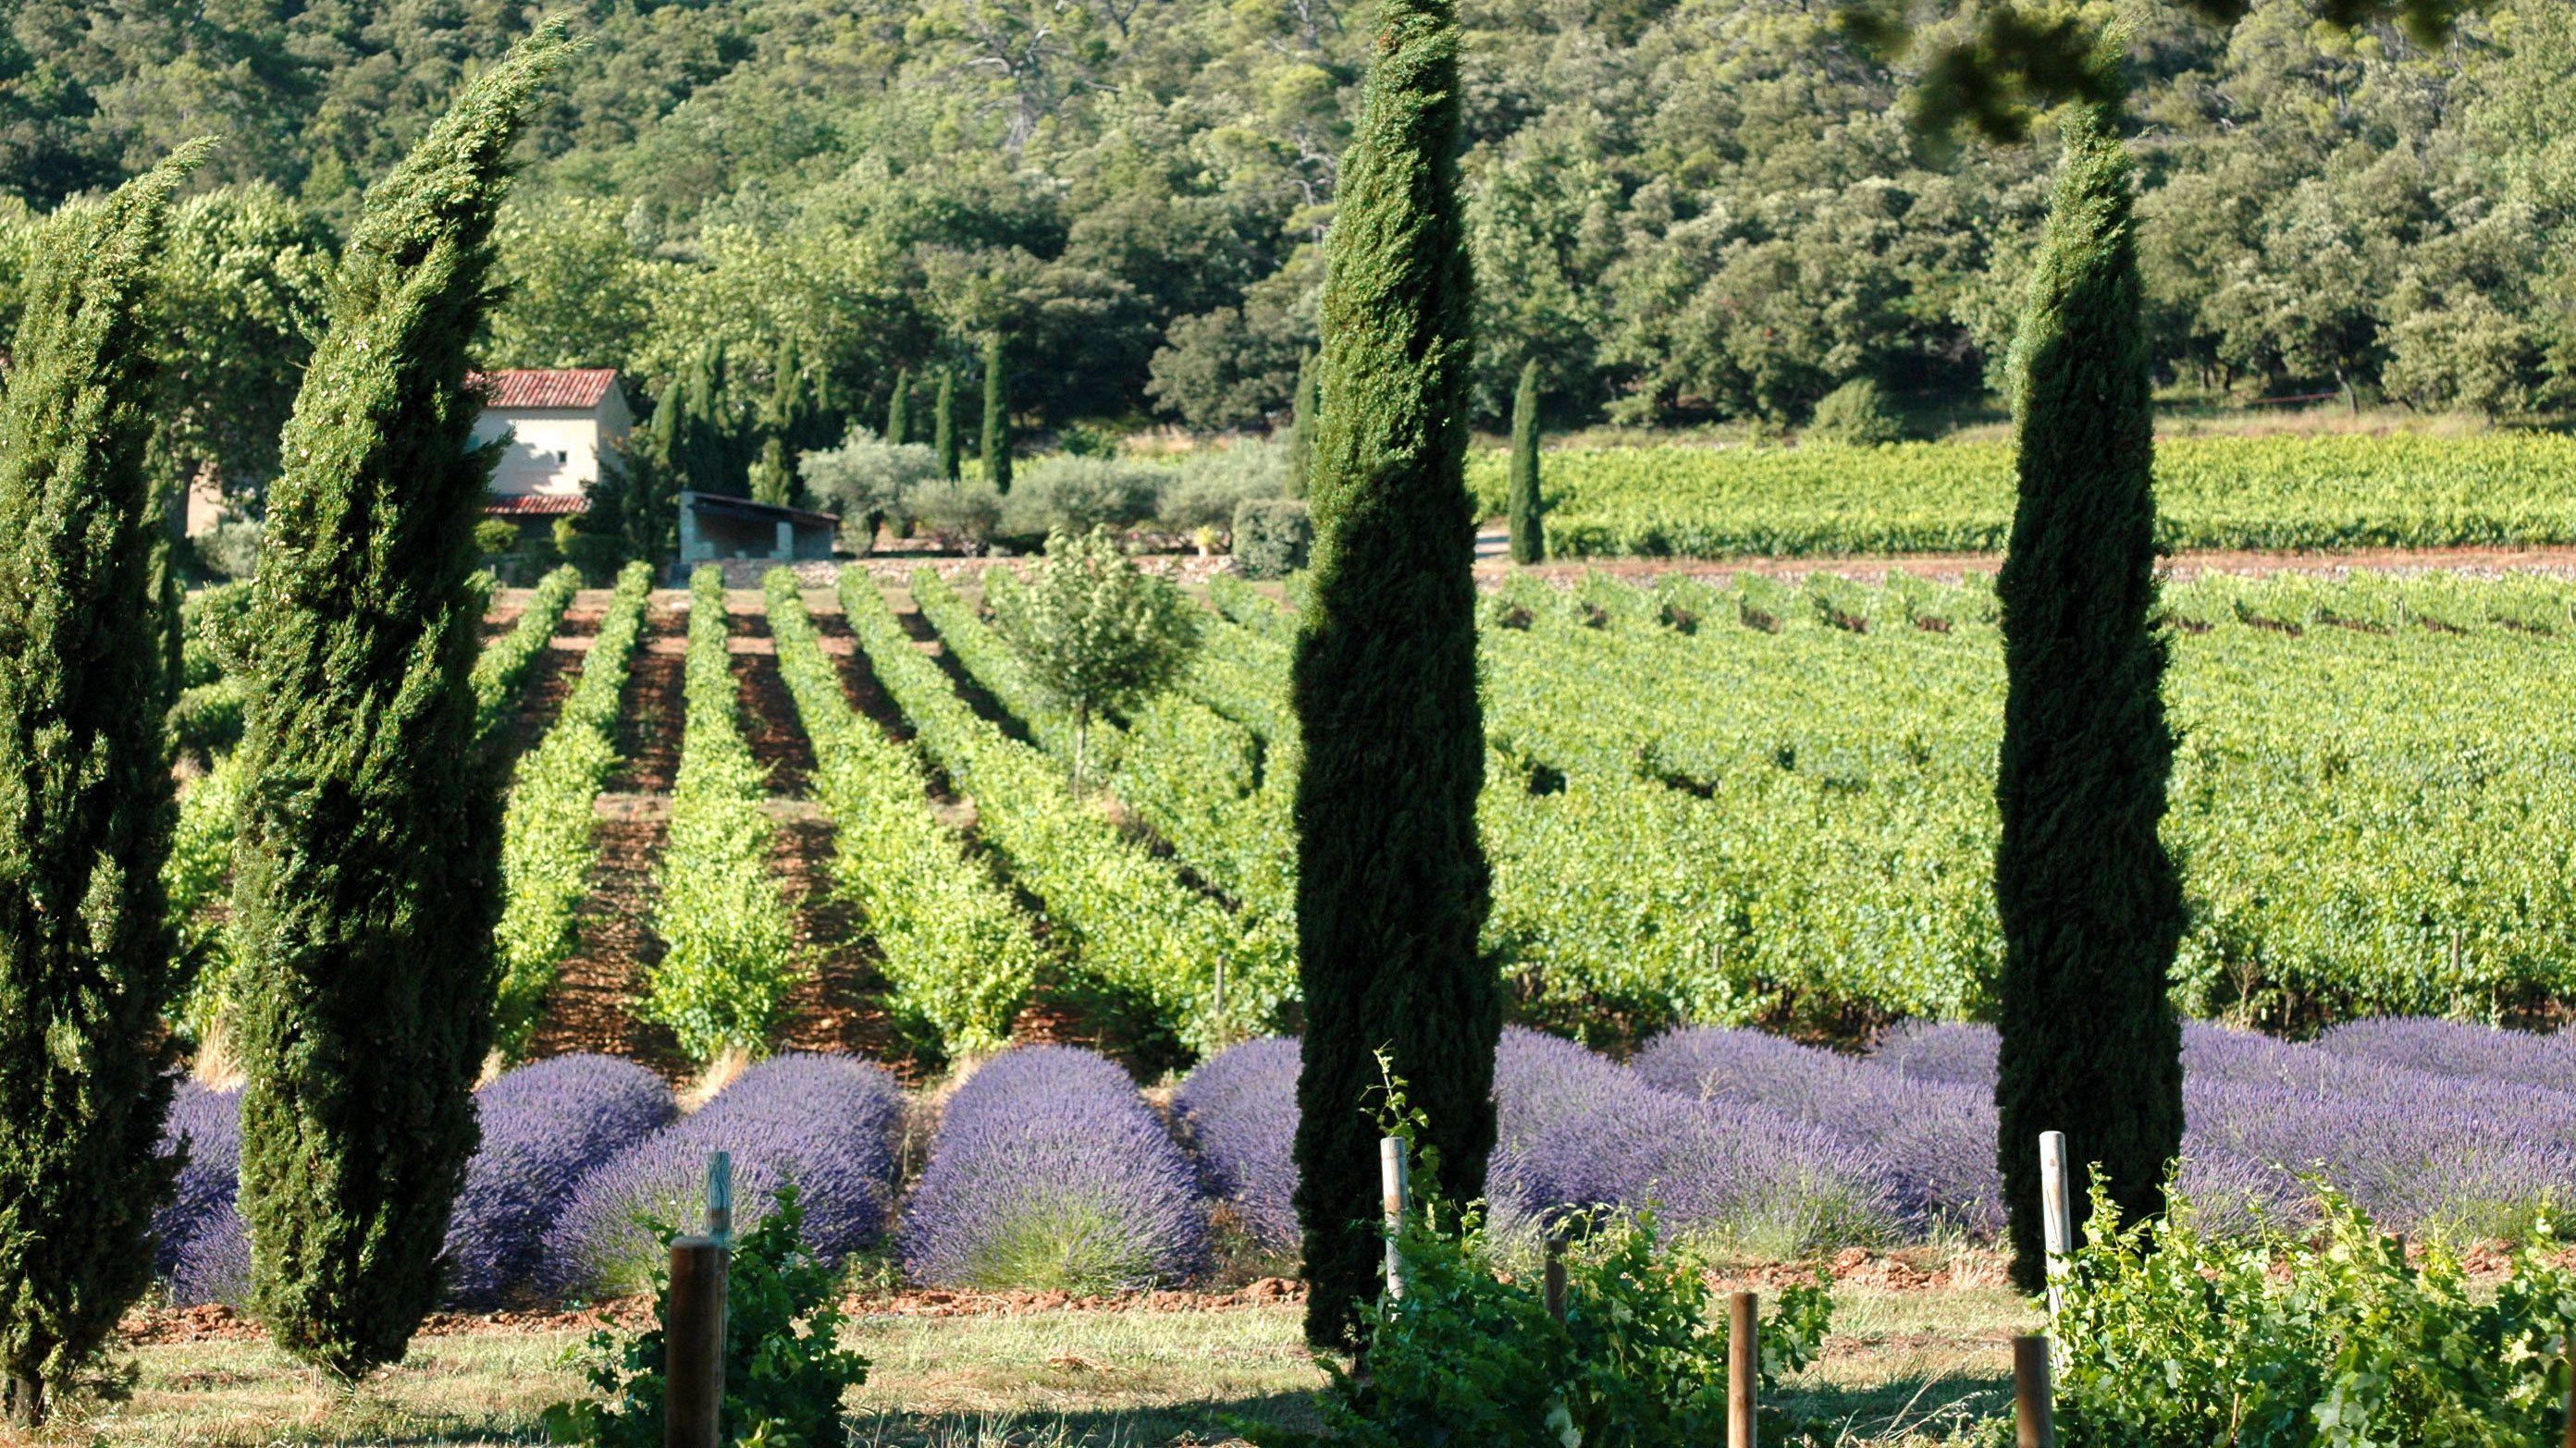 lavender fields and vineyard at Coteaux d'Aix Marseille